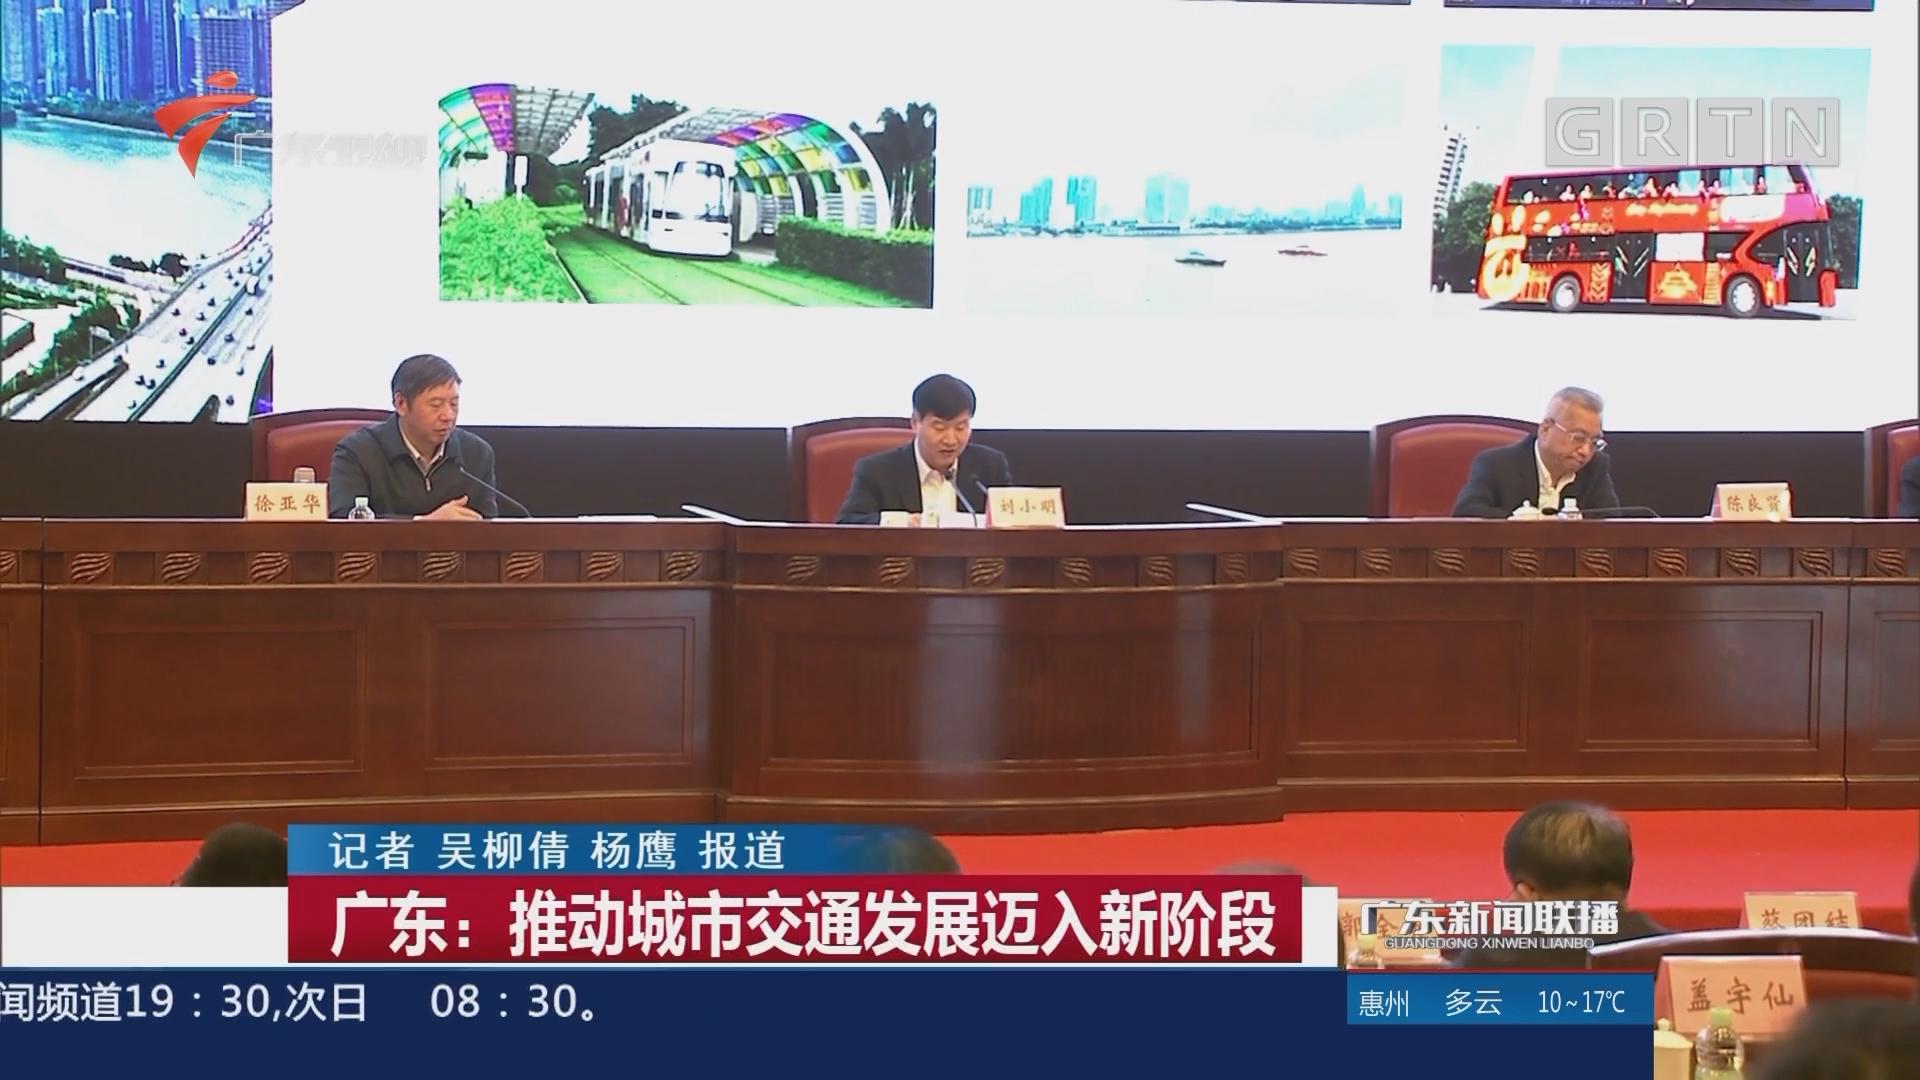 广东:推动城市交通发展迈入新阶段